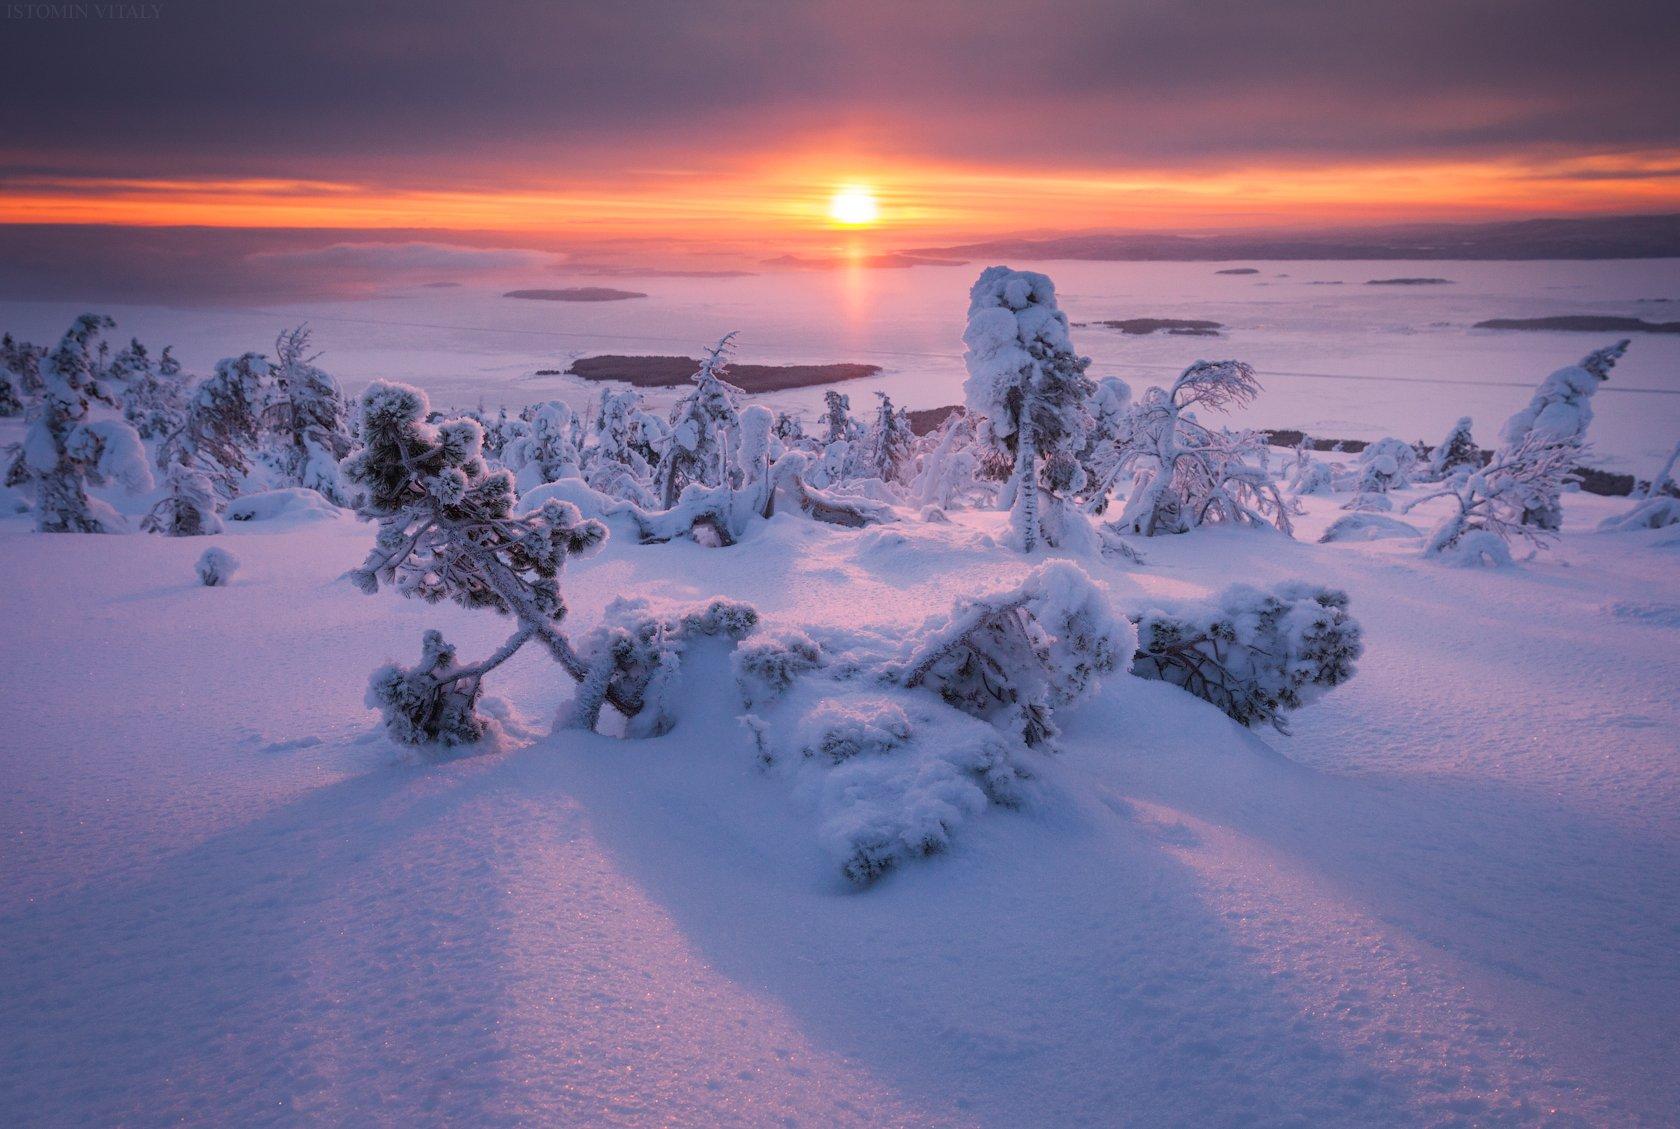 пейзаж,закат,россия,кандалакша,кольский,солнце,путешествие,горы,зима,снег, Истомин Виталий